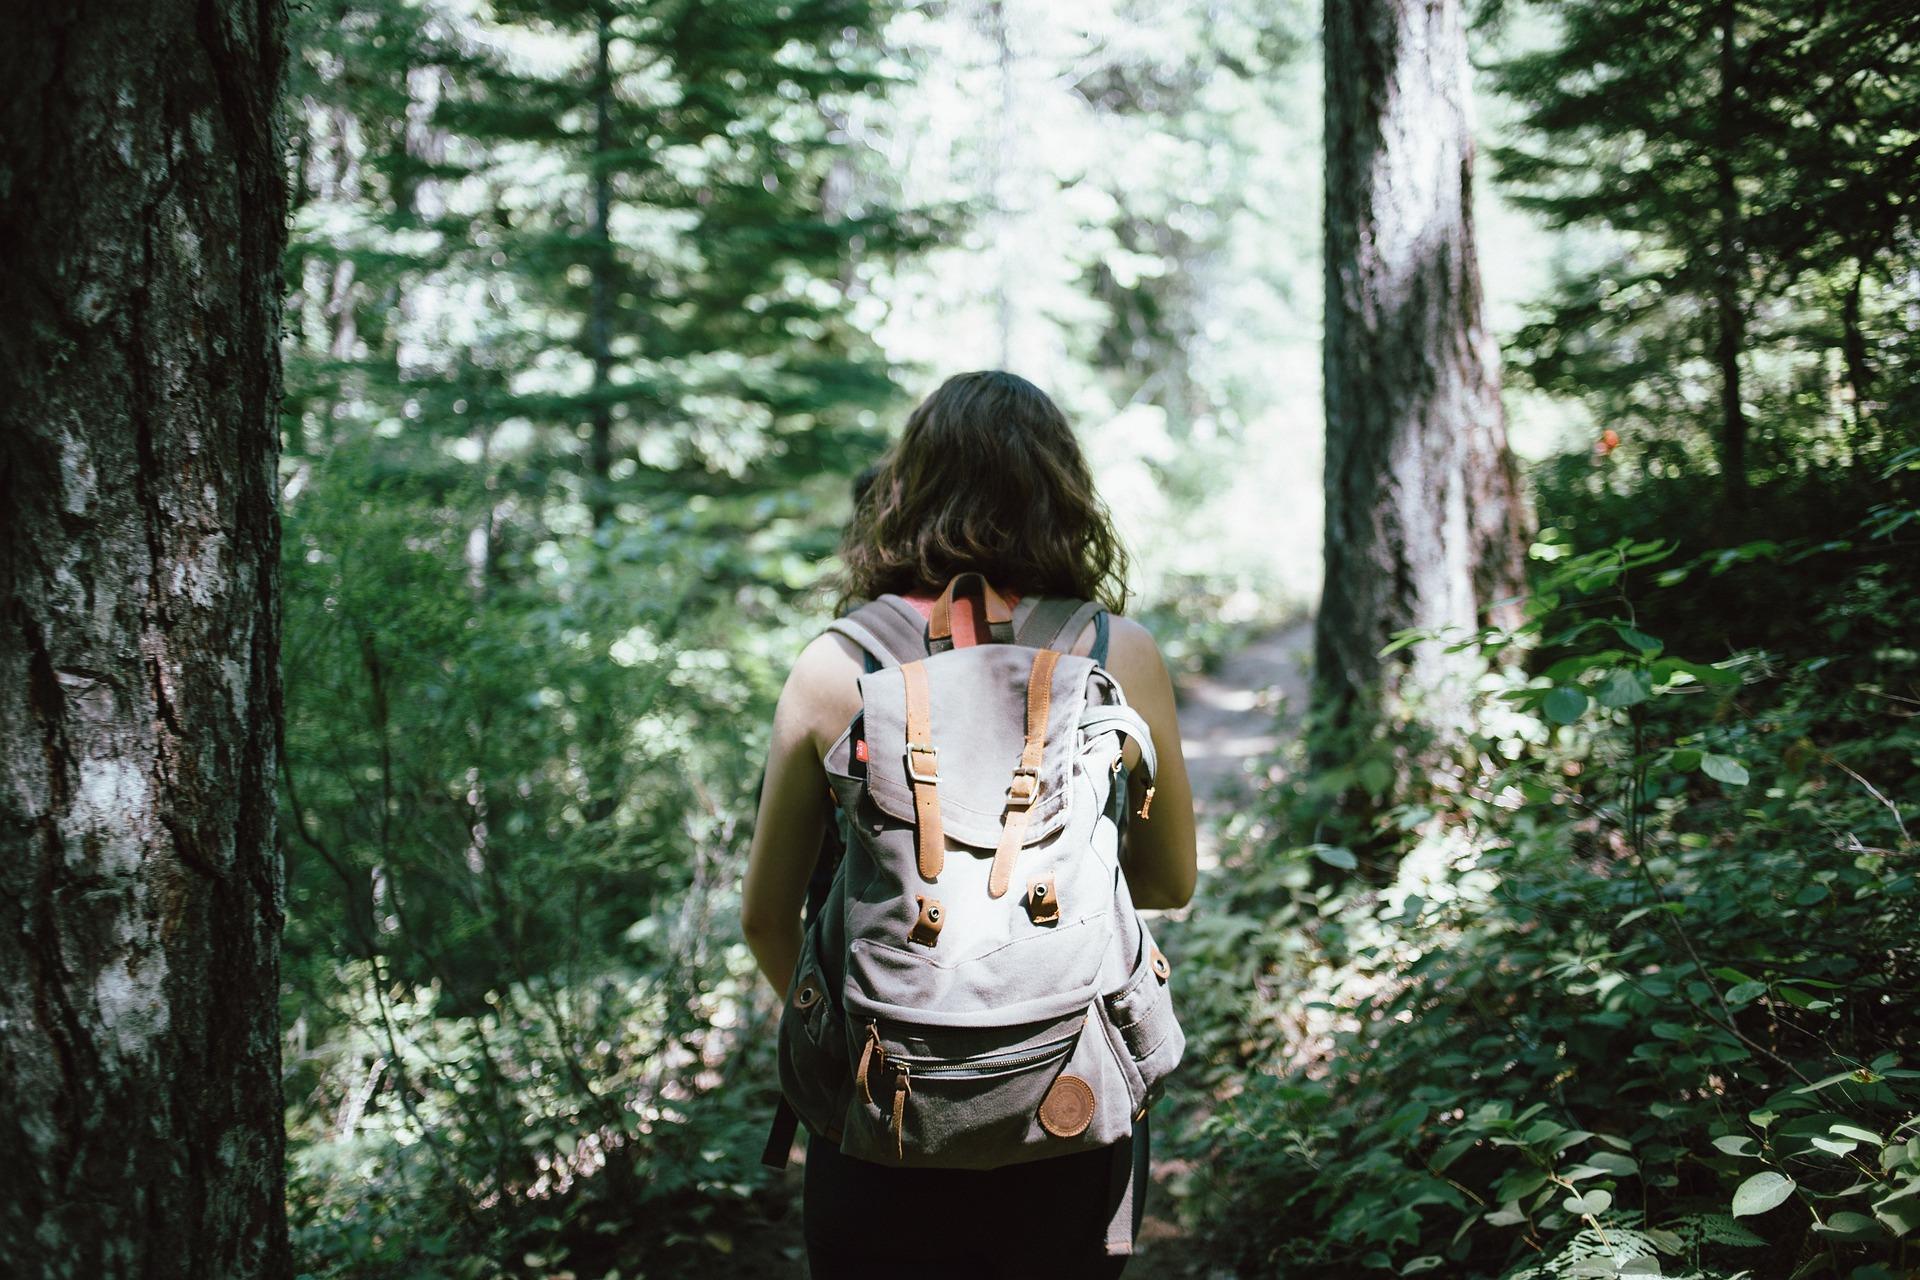 Camminare nel bosco fa bene